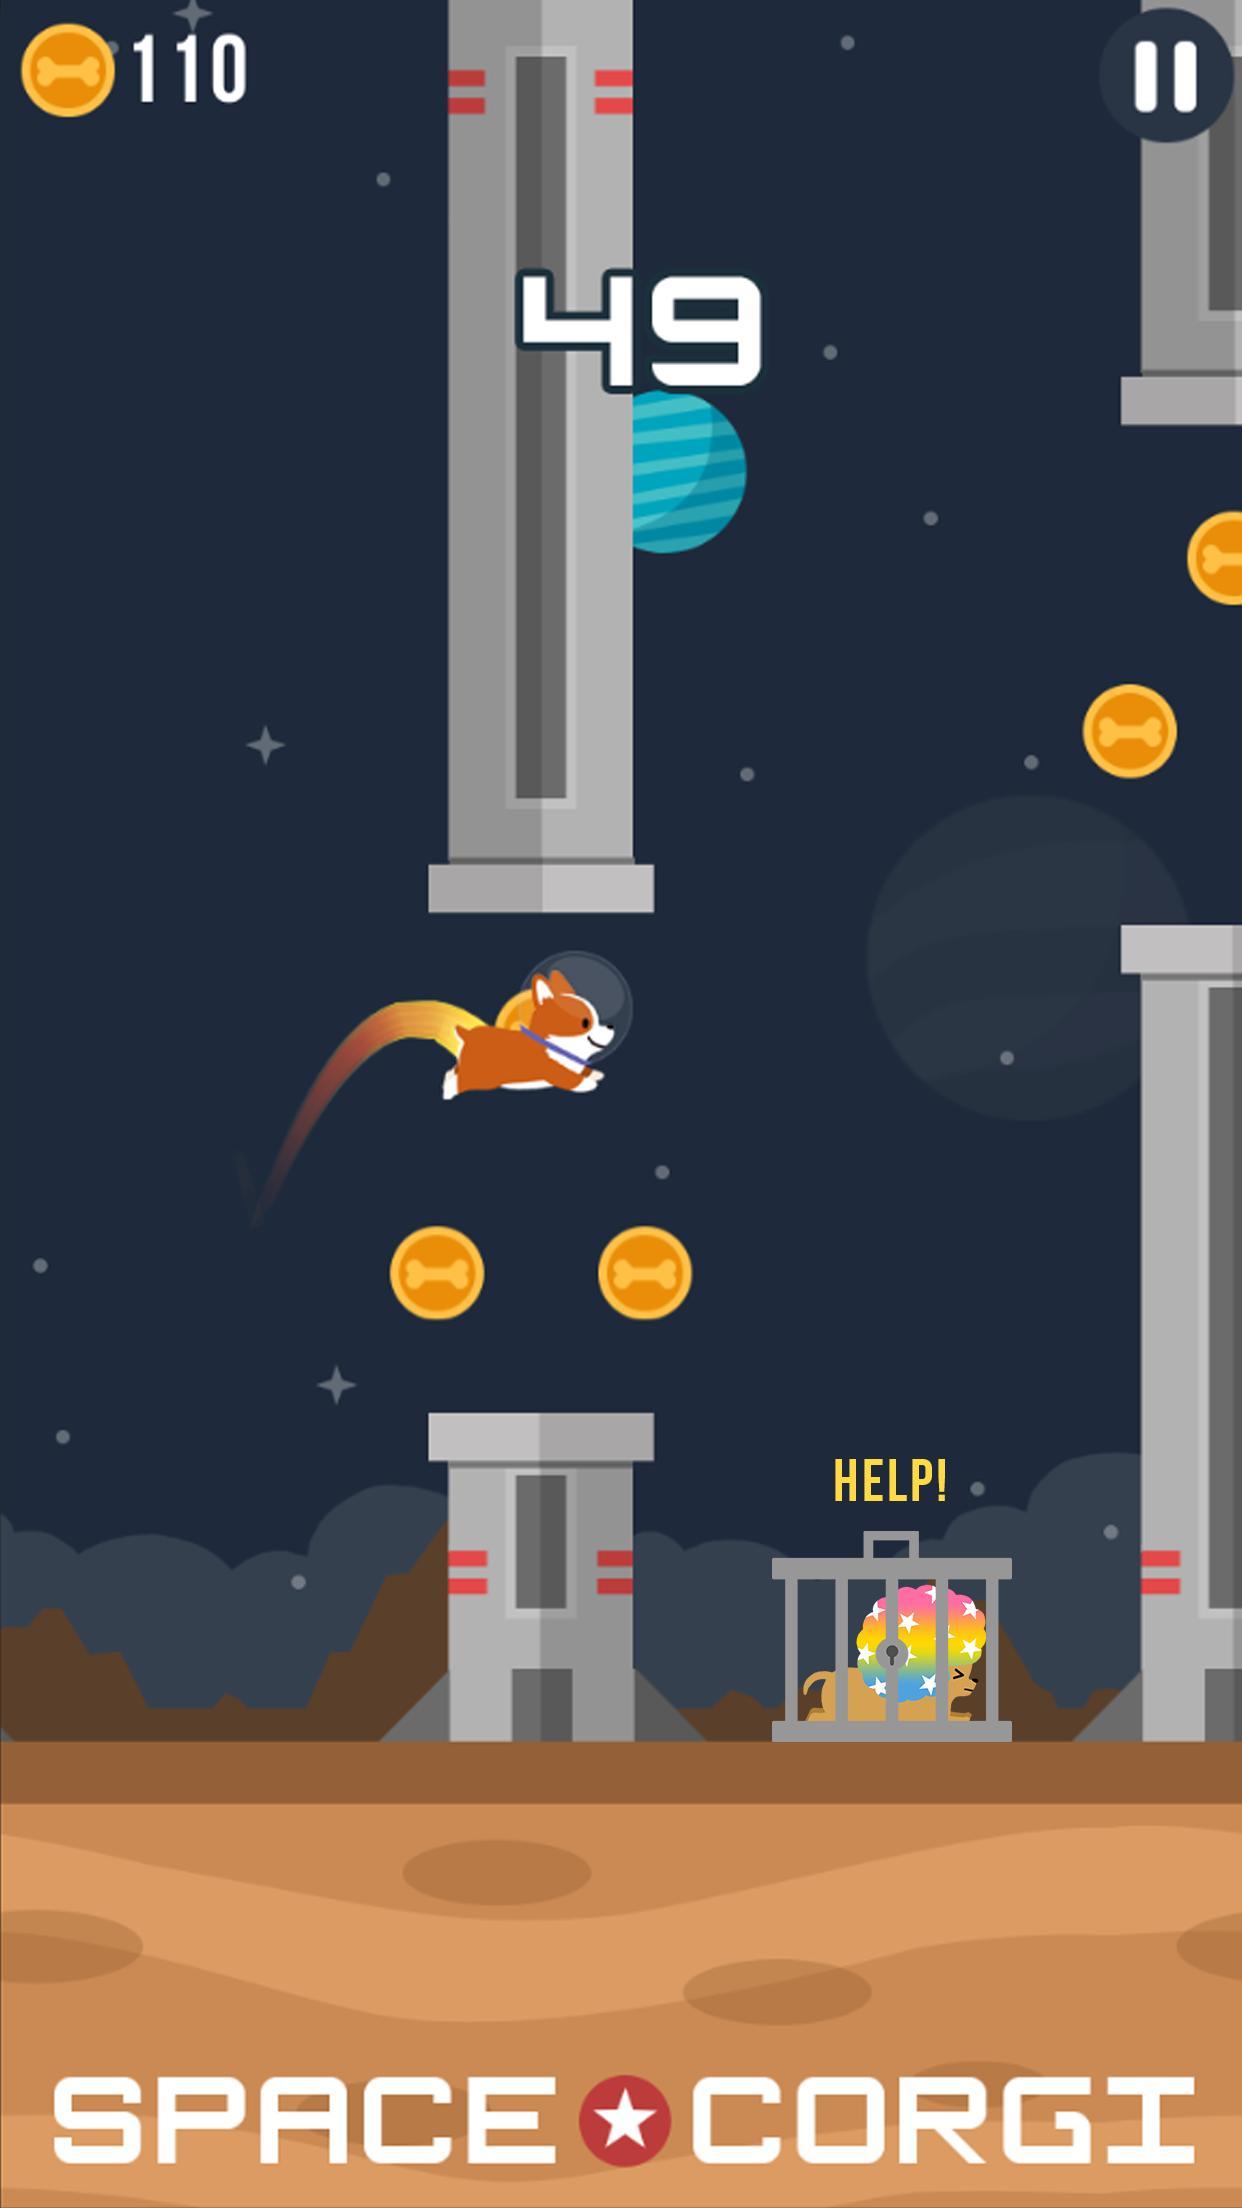 Space Corgi Dog jumping space travel game 27 Screenshot 3